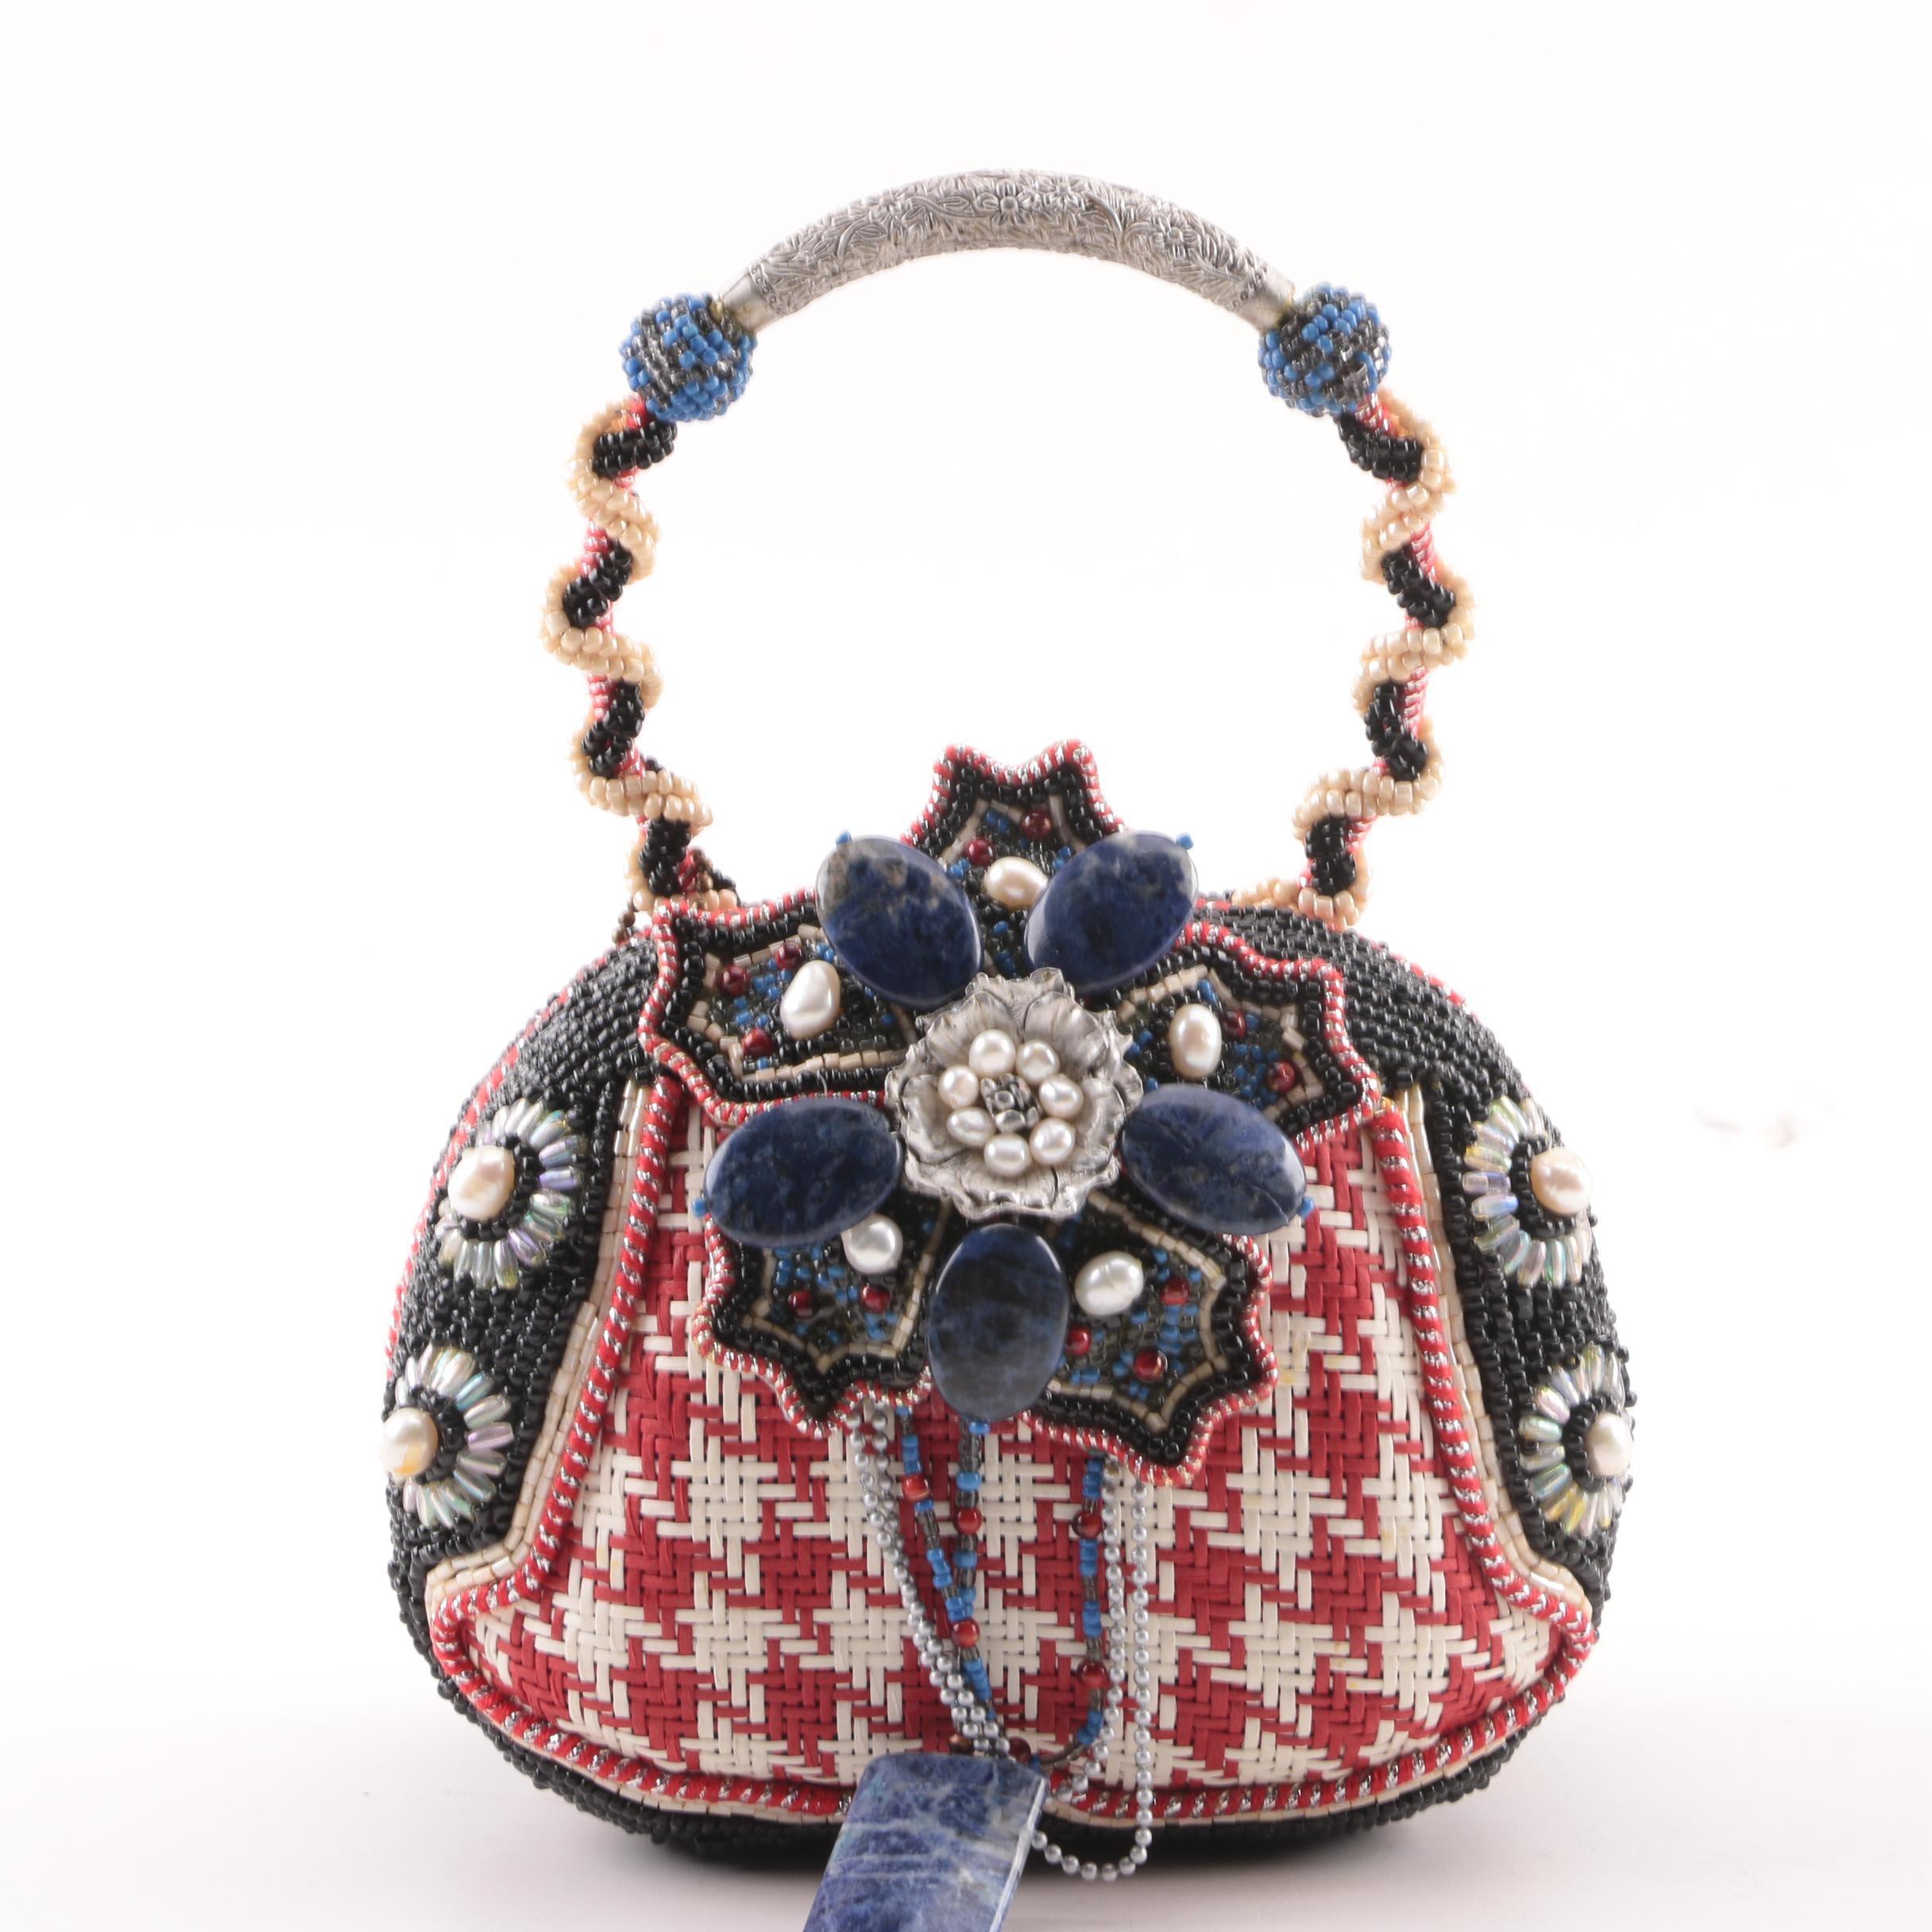 Mary Frances of San Francisco Woven and Beaded Handbag